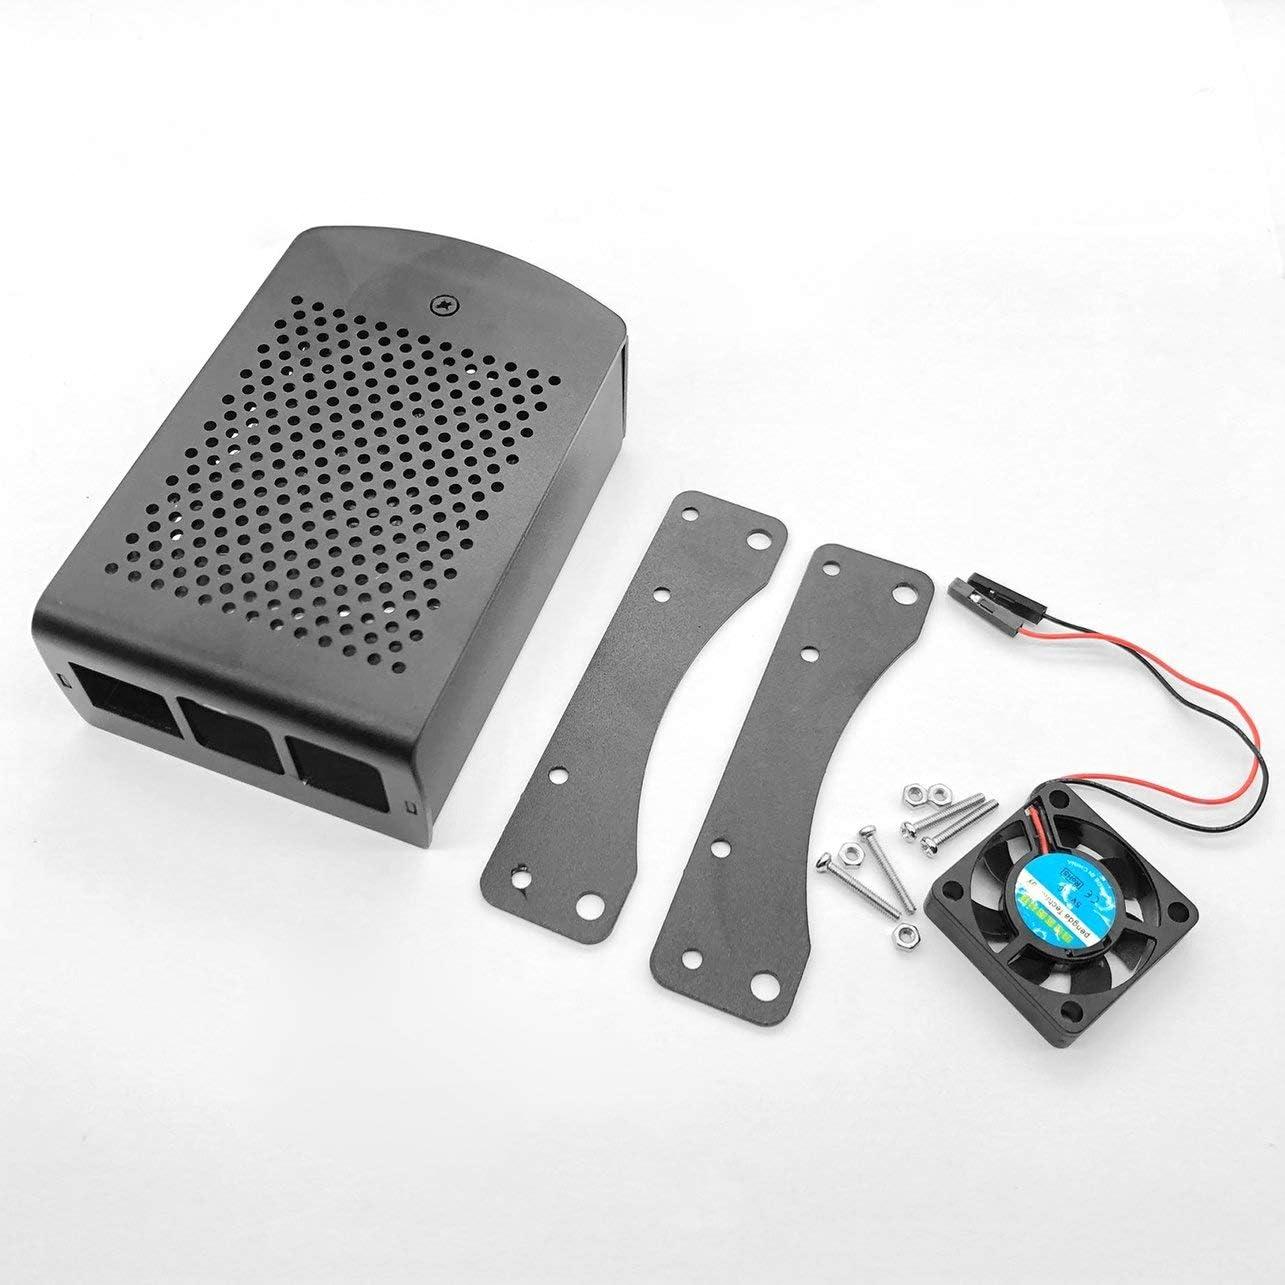 WOSOYES/® Pour Raspberry Pi 4B Bo/îtier en aluminium Bo/îte de coque en m/étal noir avec bo/îtier de ventilateur noir pour RPI 4 Mod/èle B Bo/îtier RPI 4B